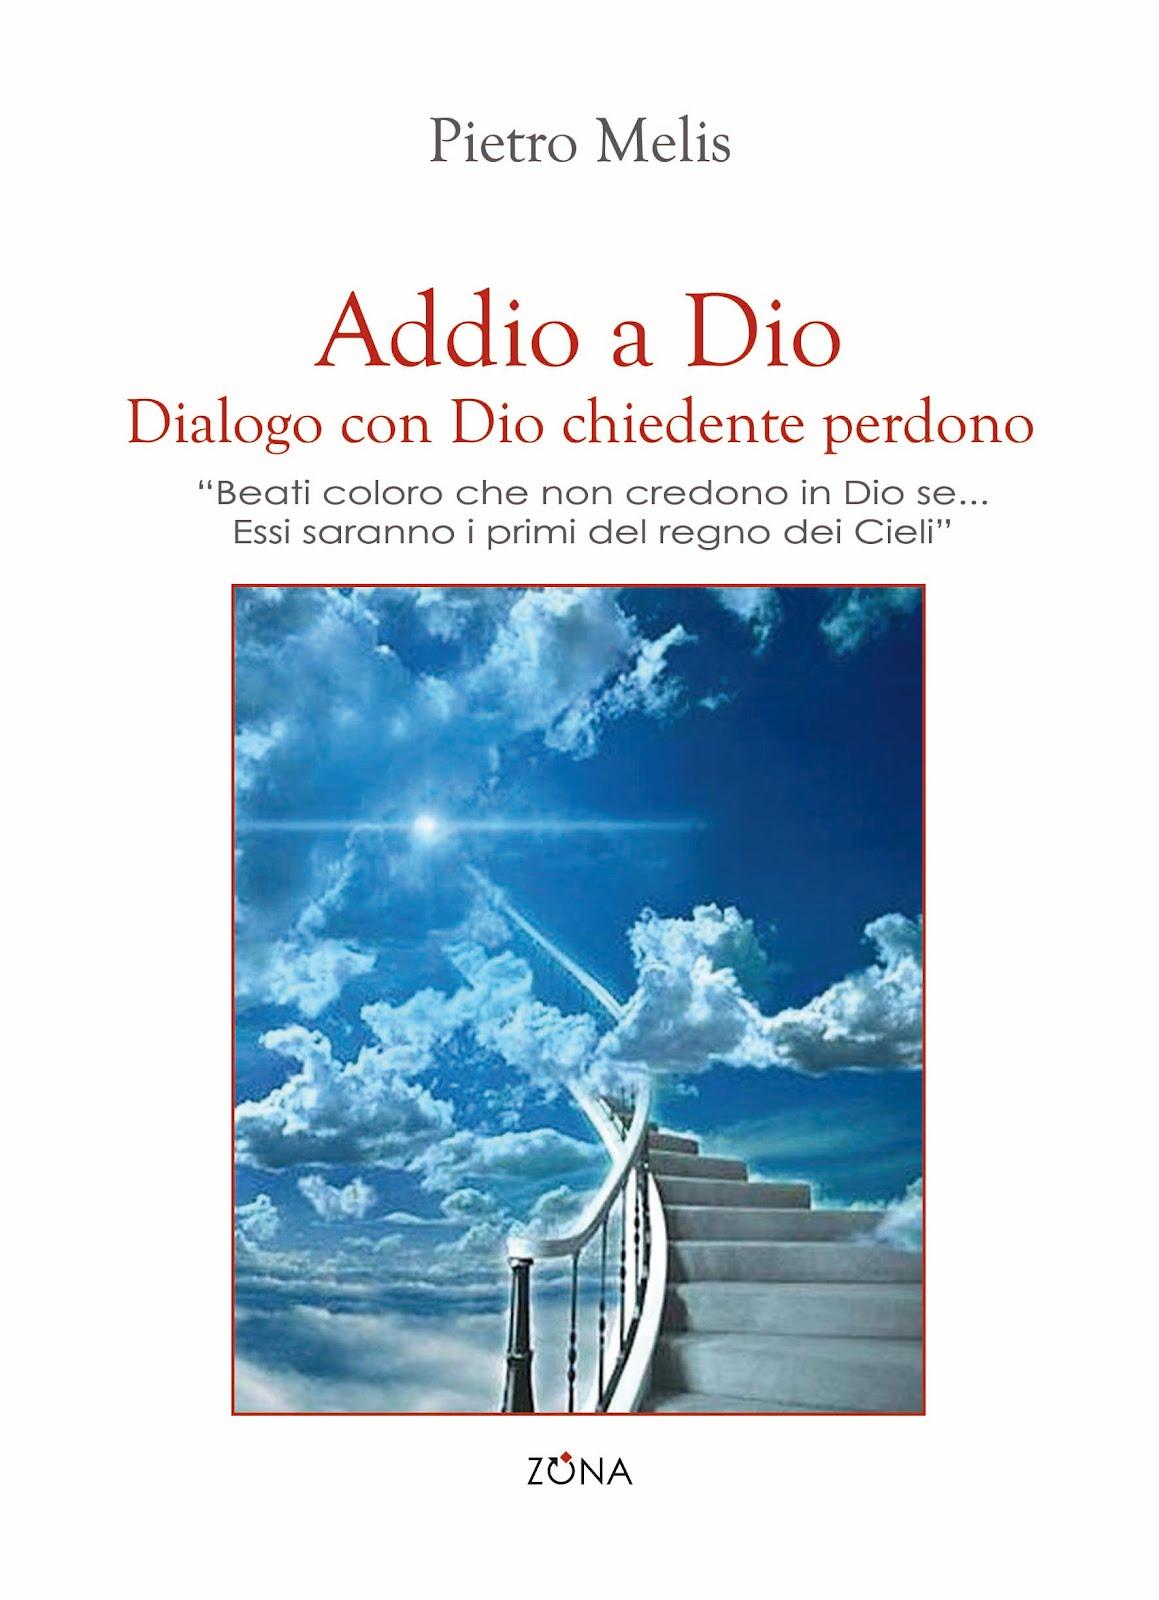 Pietro Melis: Addio a Dio e Scontro tra culture e metacultura scientifica